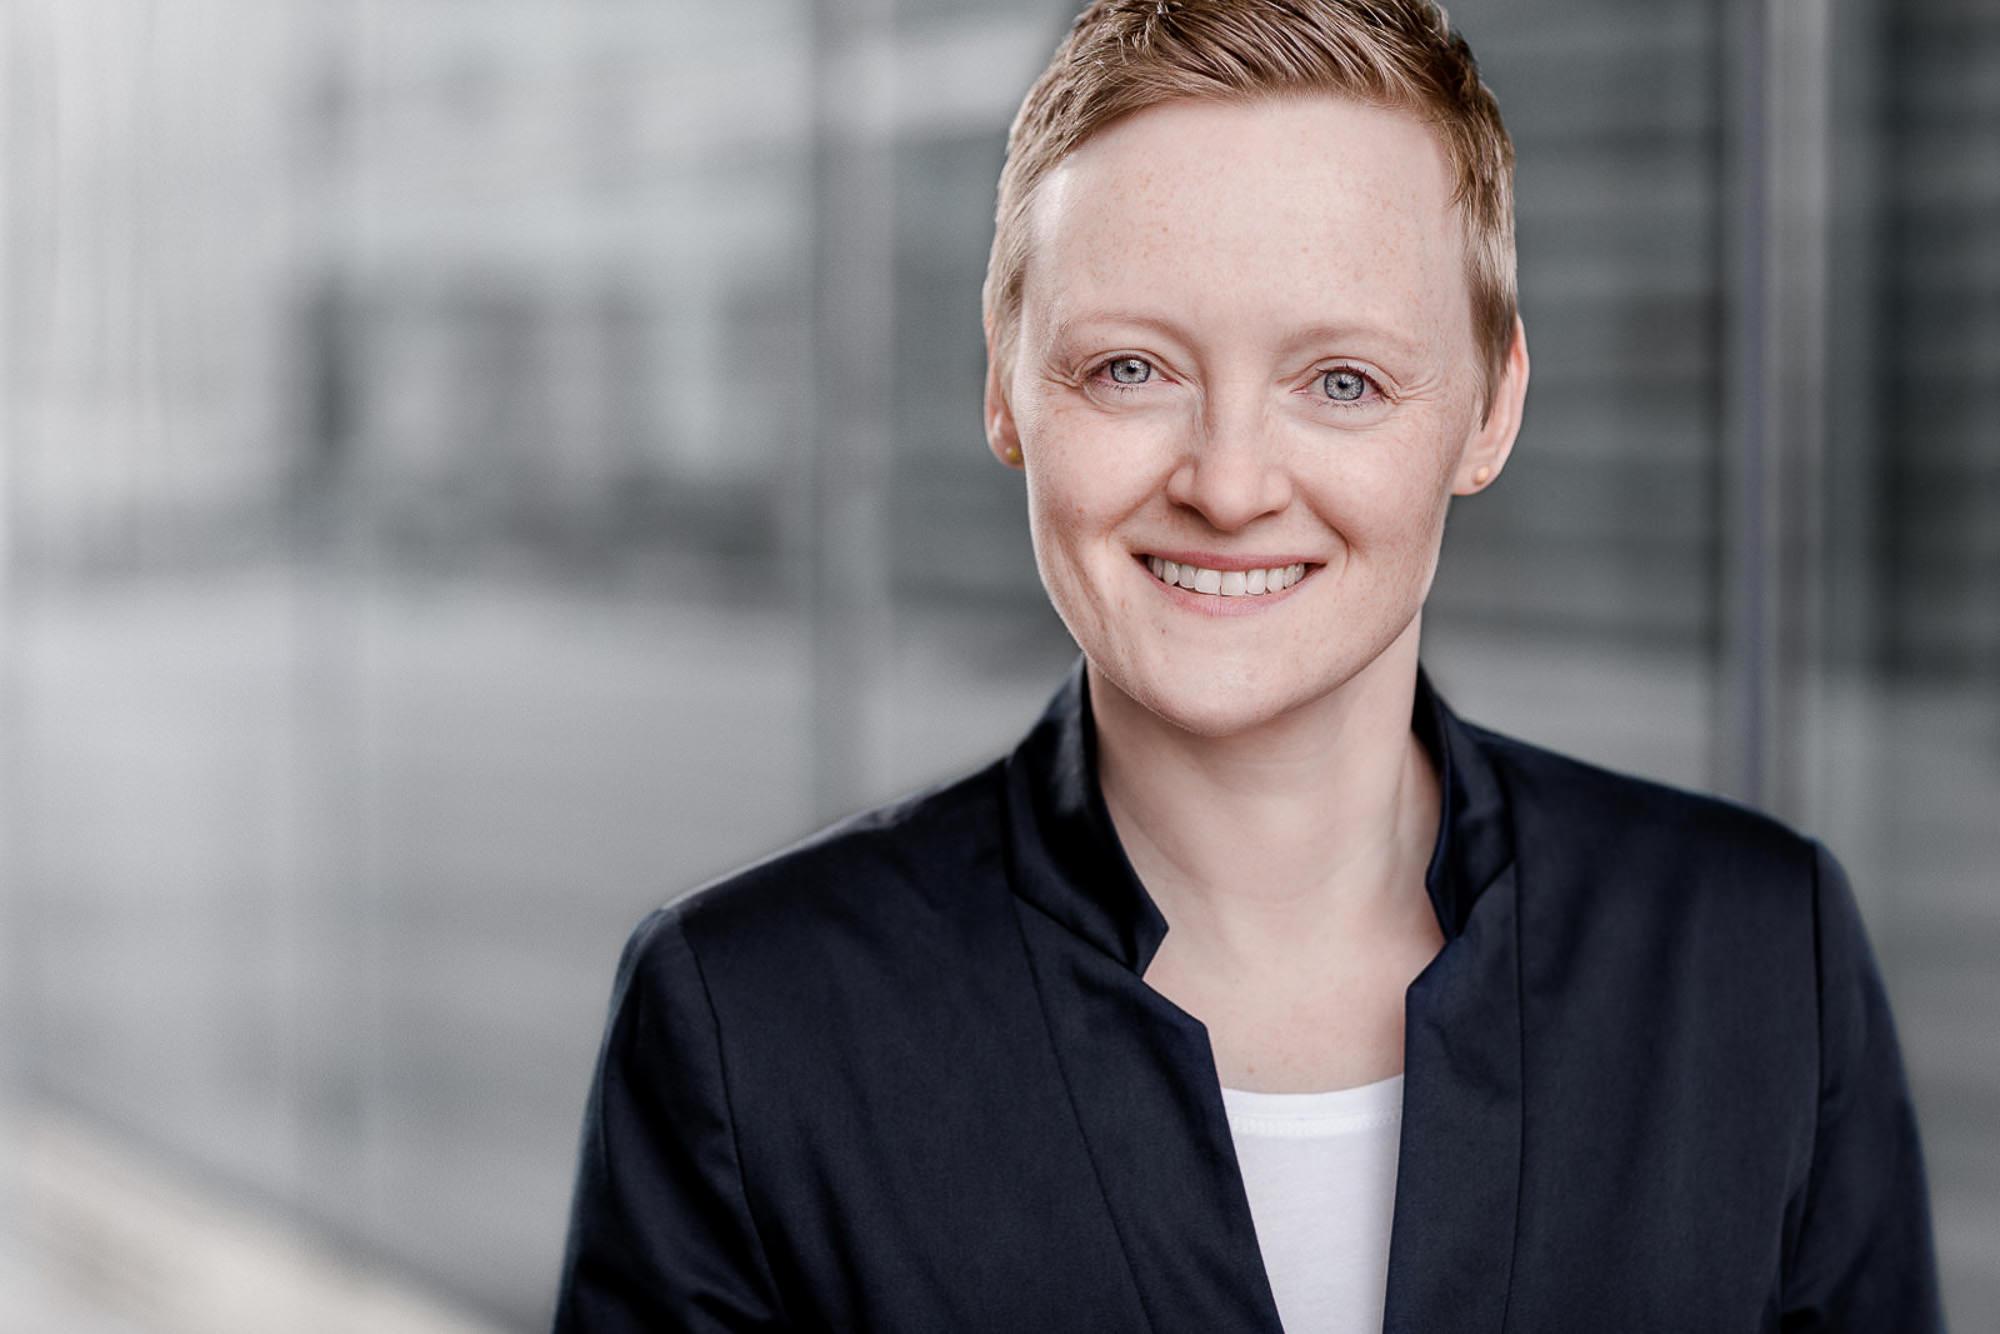 Dieses Bewerbungsfoto wurde in Rostock von den Fotografen Tom und Lia an der Deutschen Med aufgenommen. Zu sehen ist eine junge Frau.